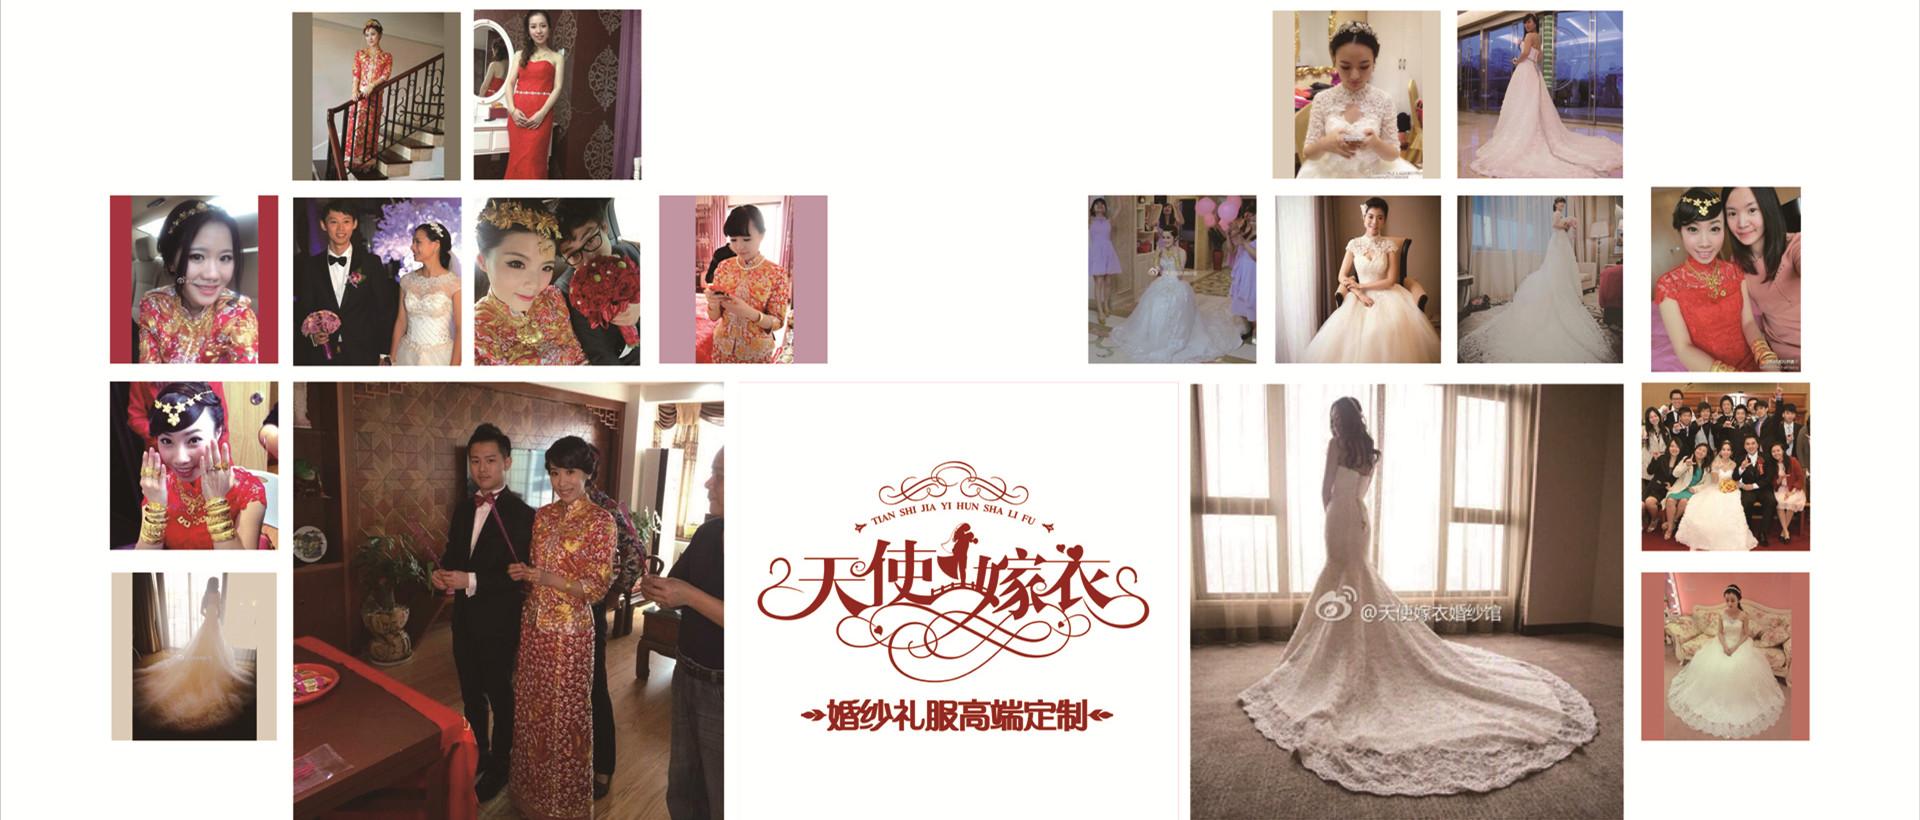 天使嫁衣新娘婚纱礼服